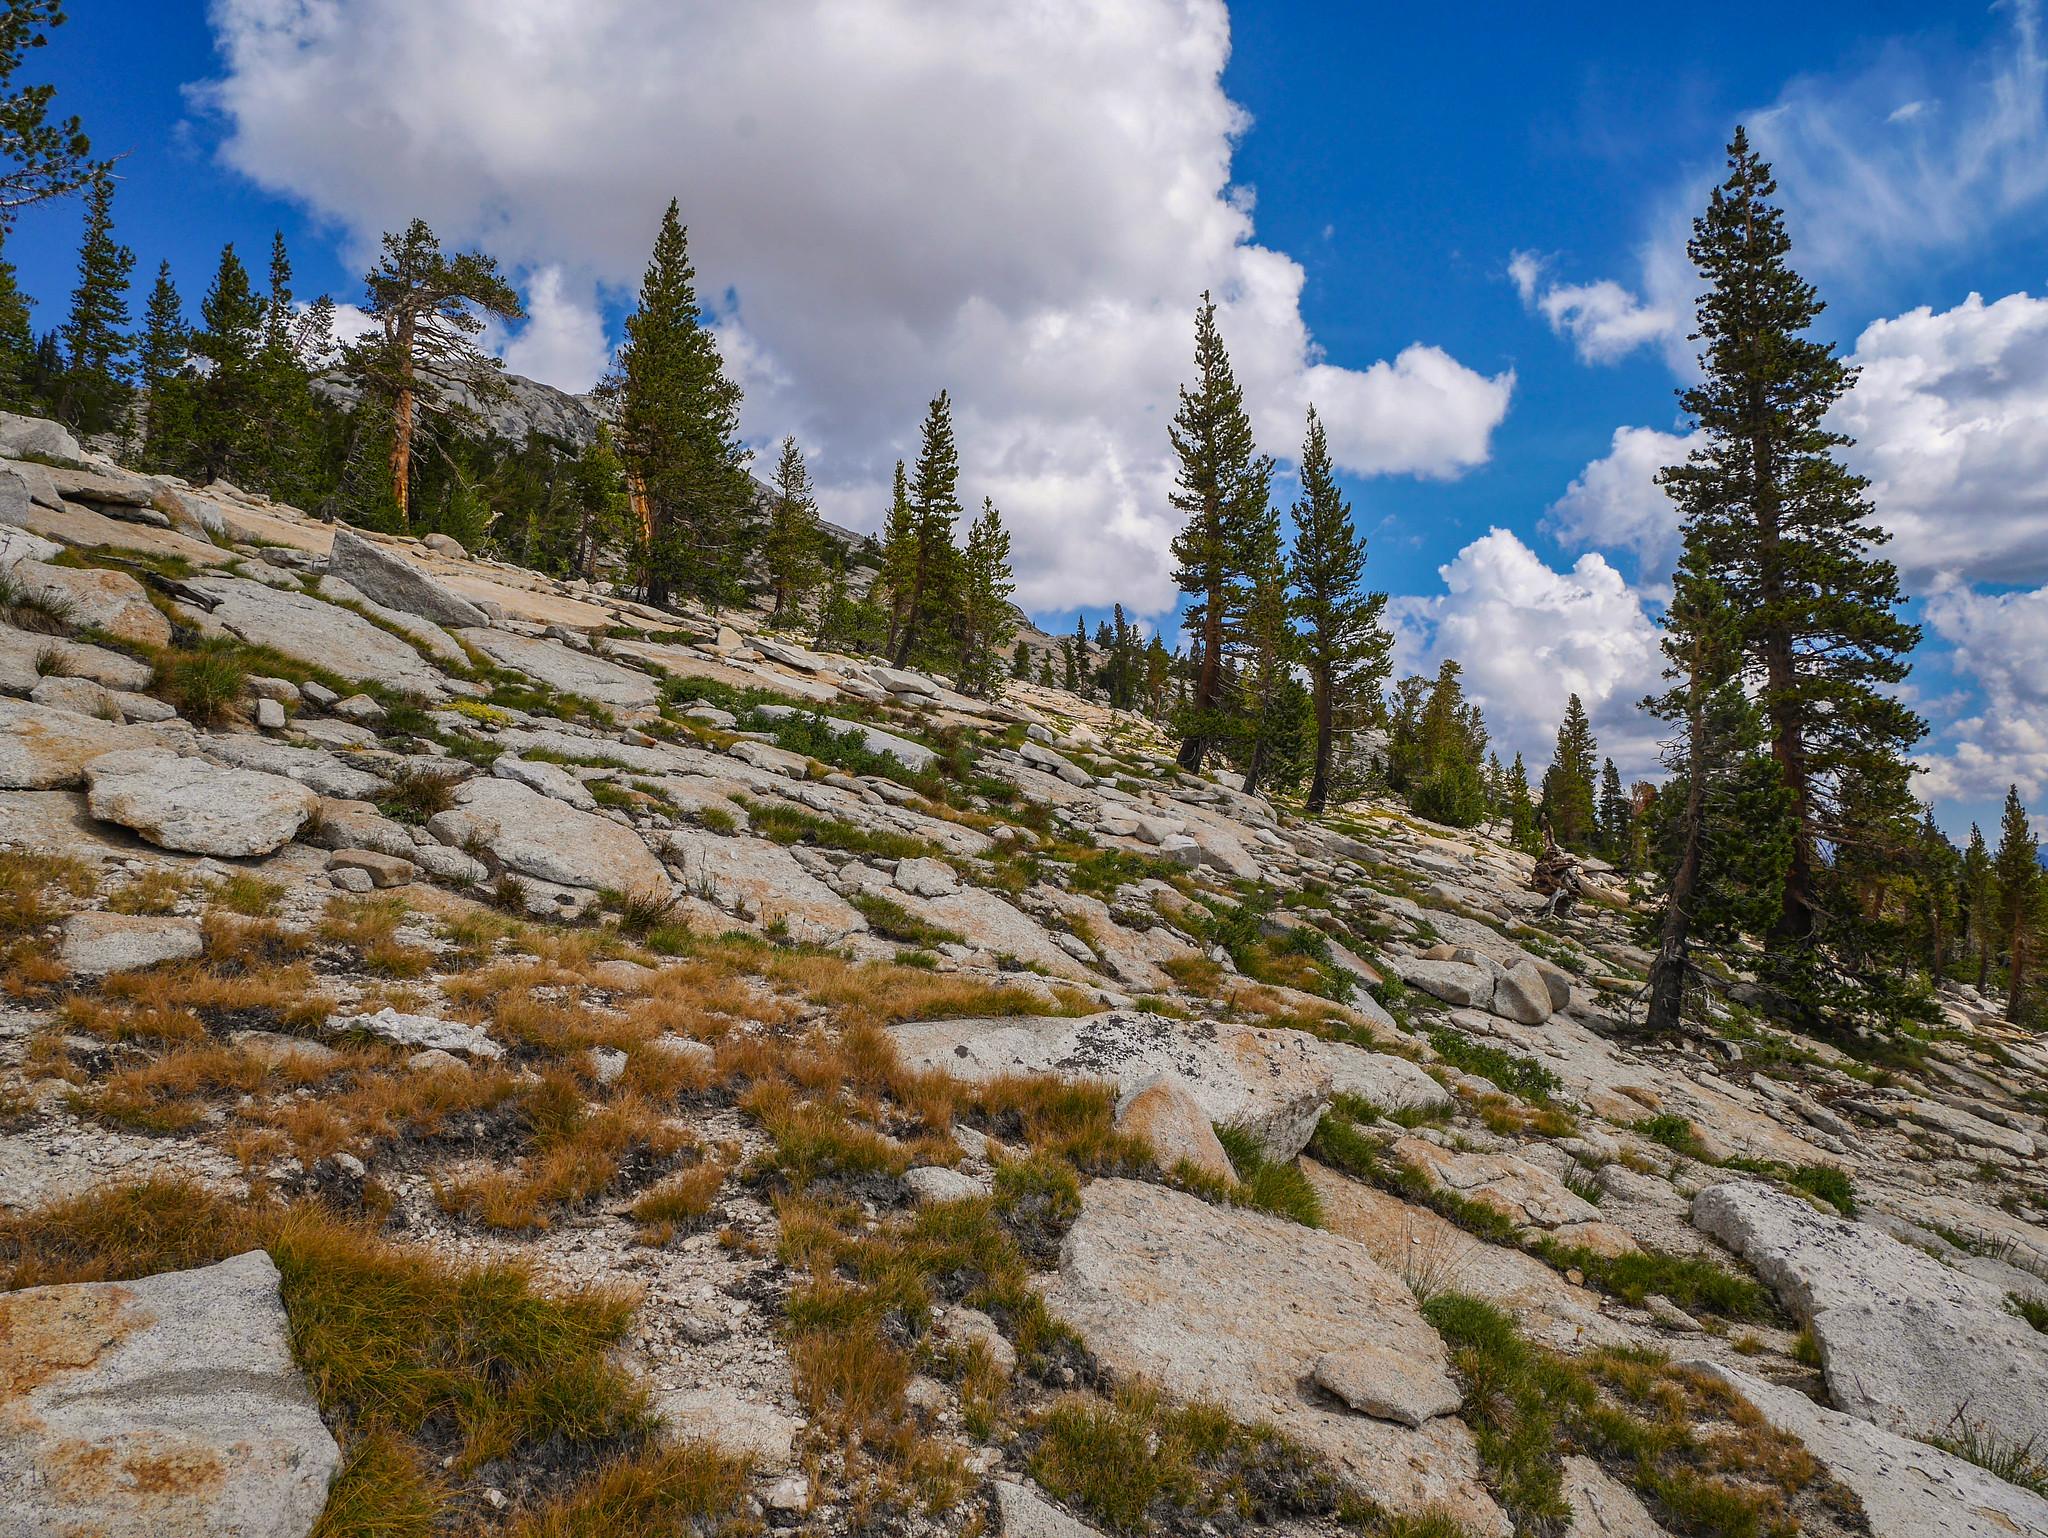 Climbing towards Johnson Peak